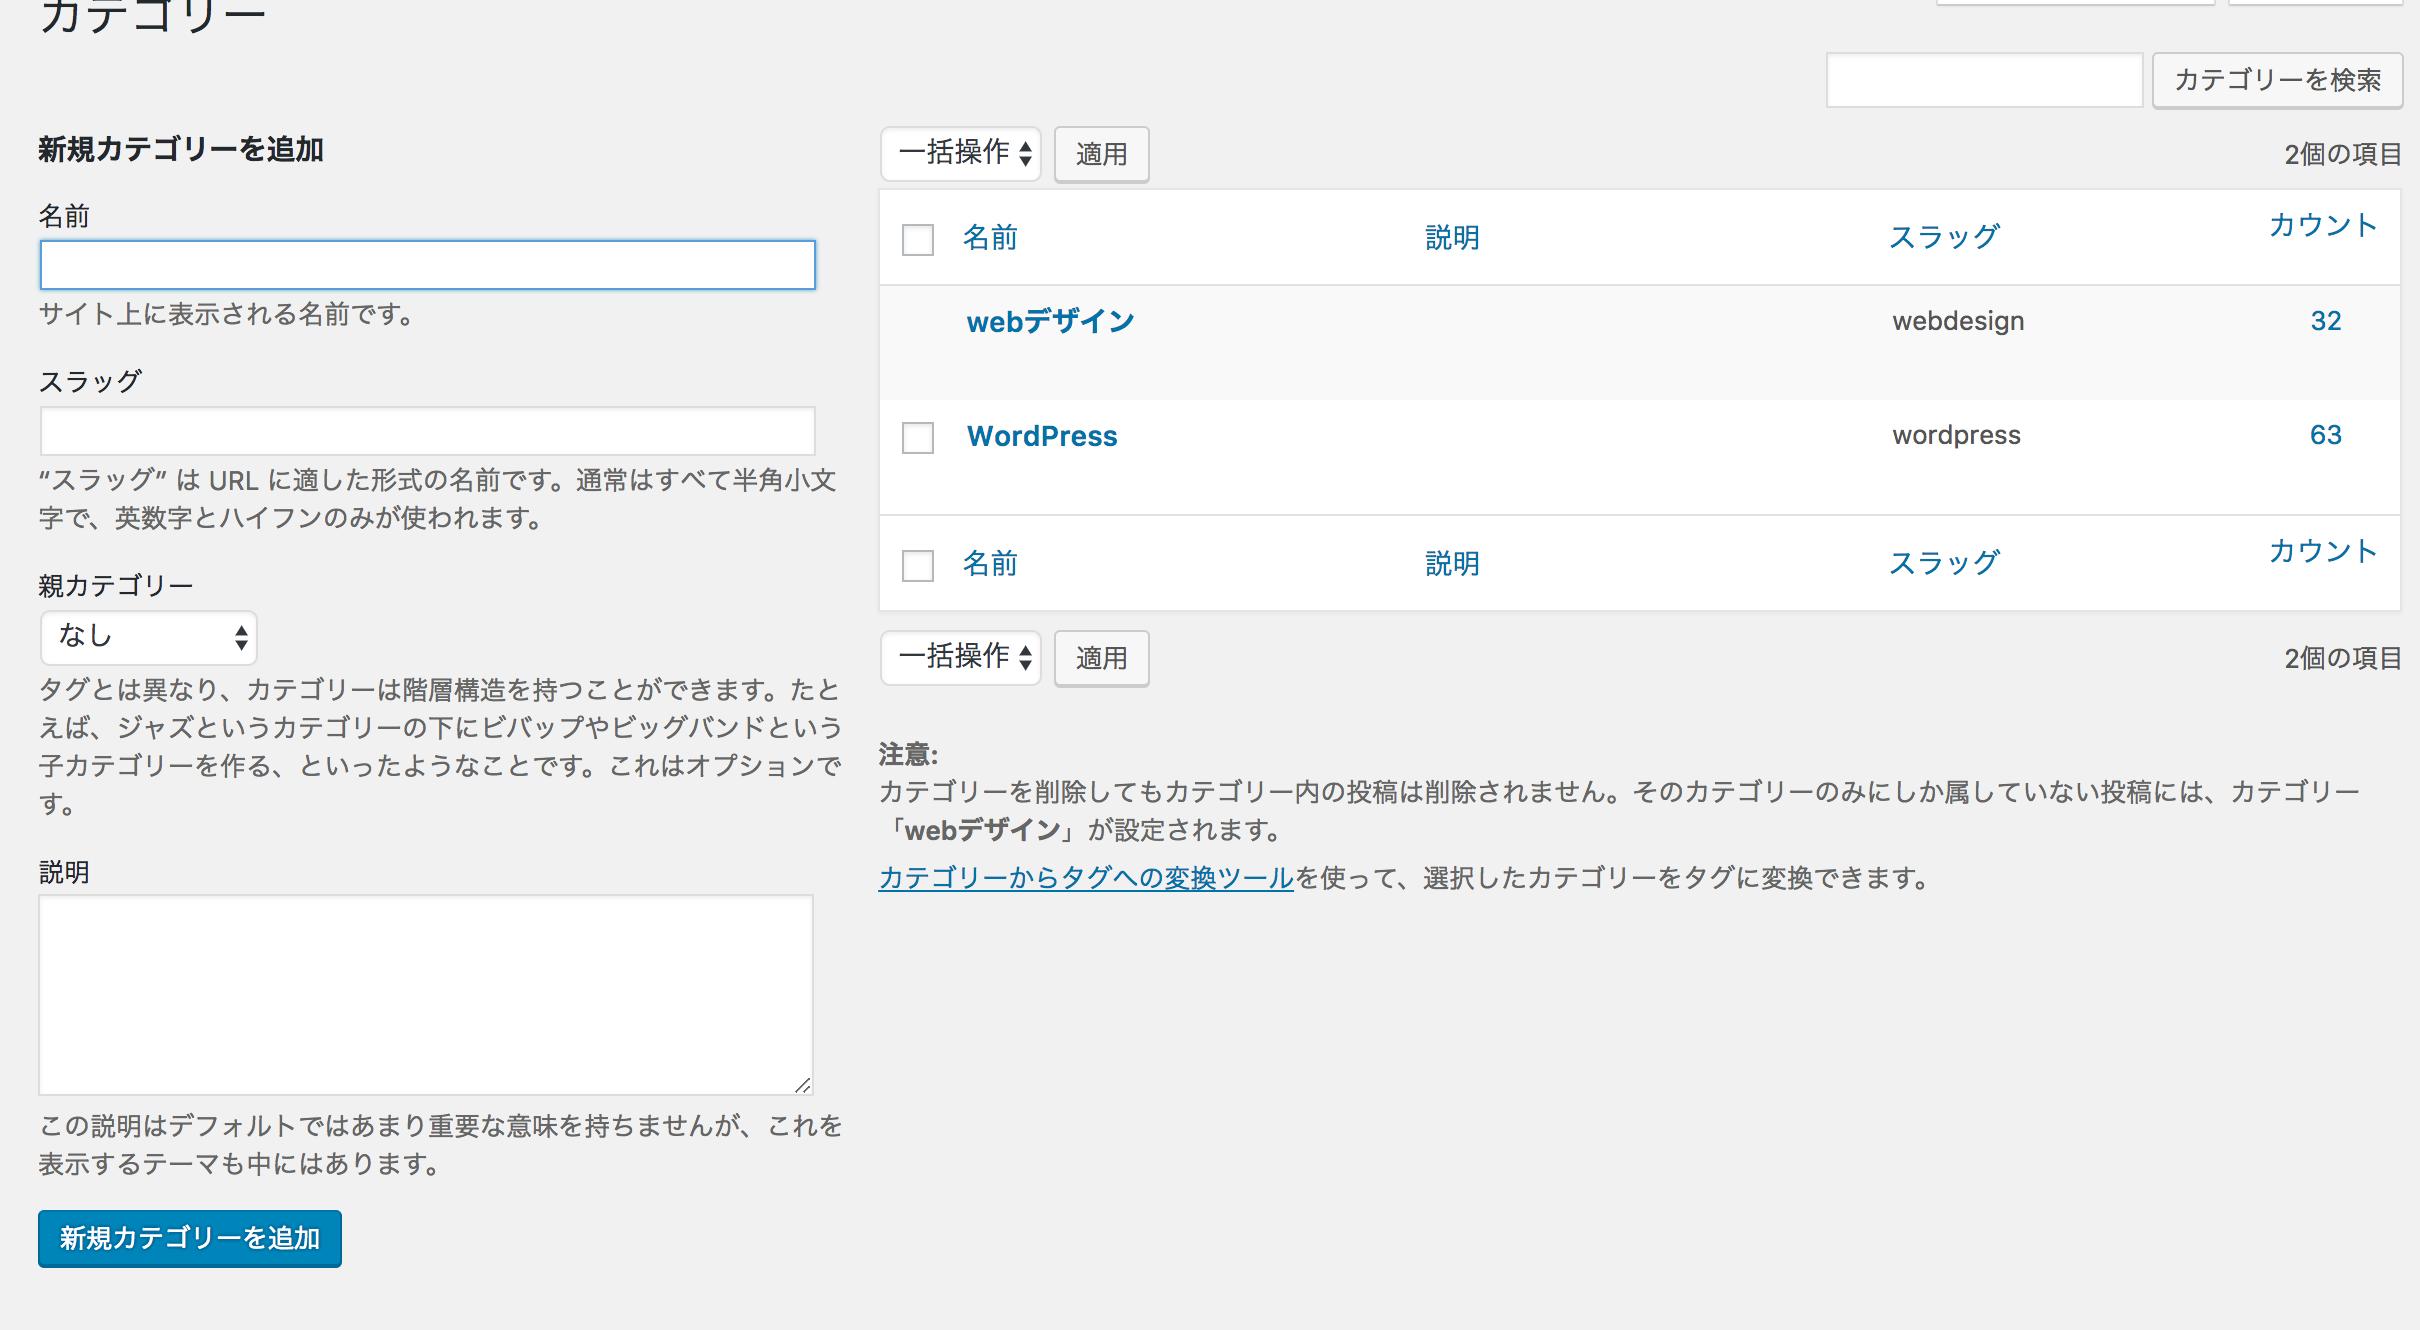 f675421d21b9a1b4343b34e4c1be429e - 初心者向け!WordPressの投稿方法や記事の編集方法を徹底解説